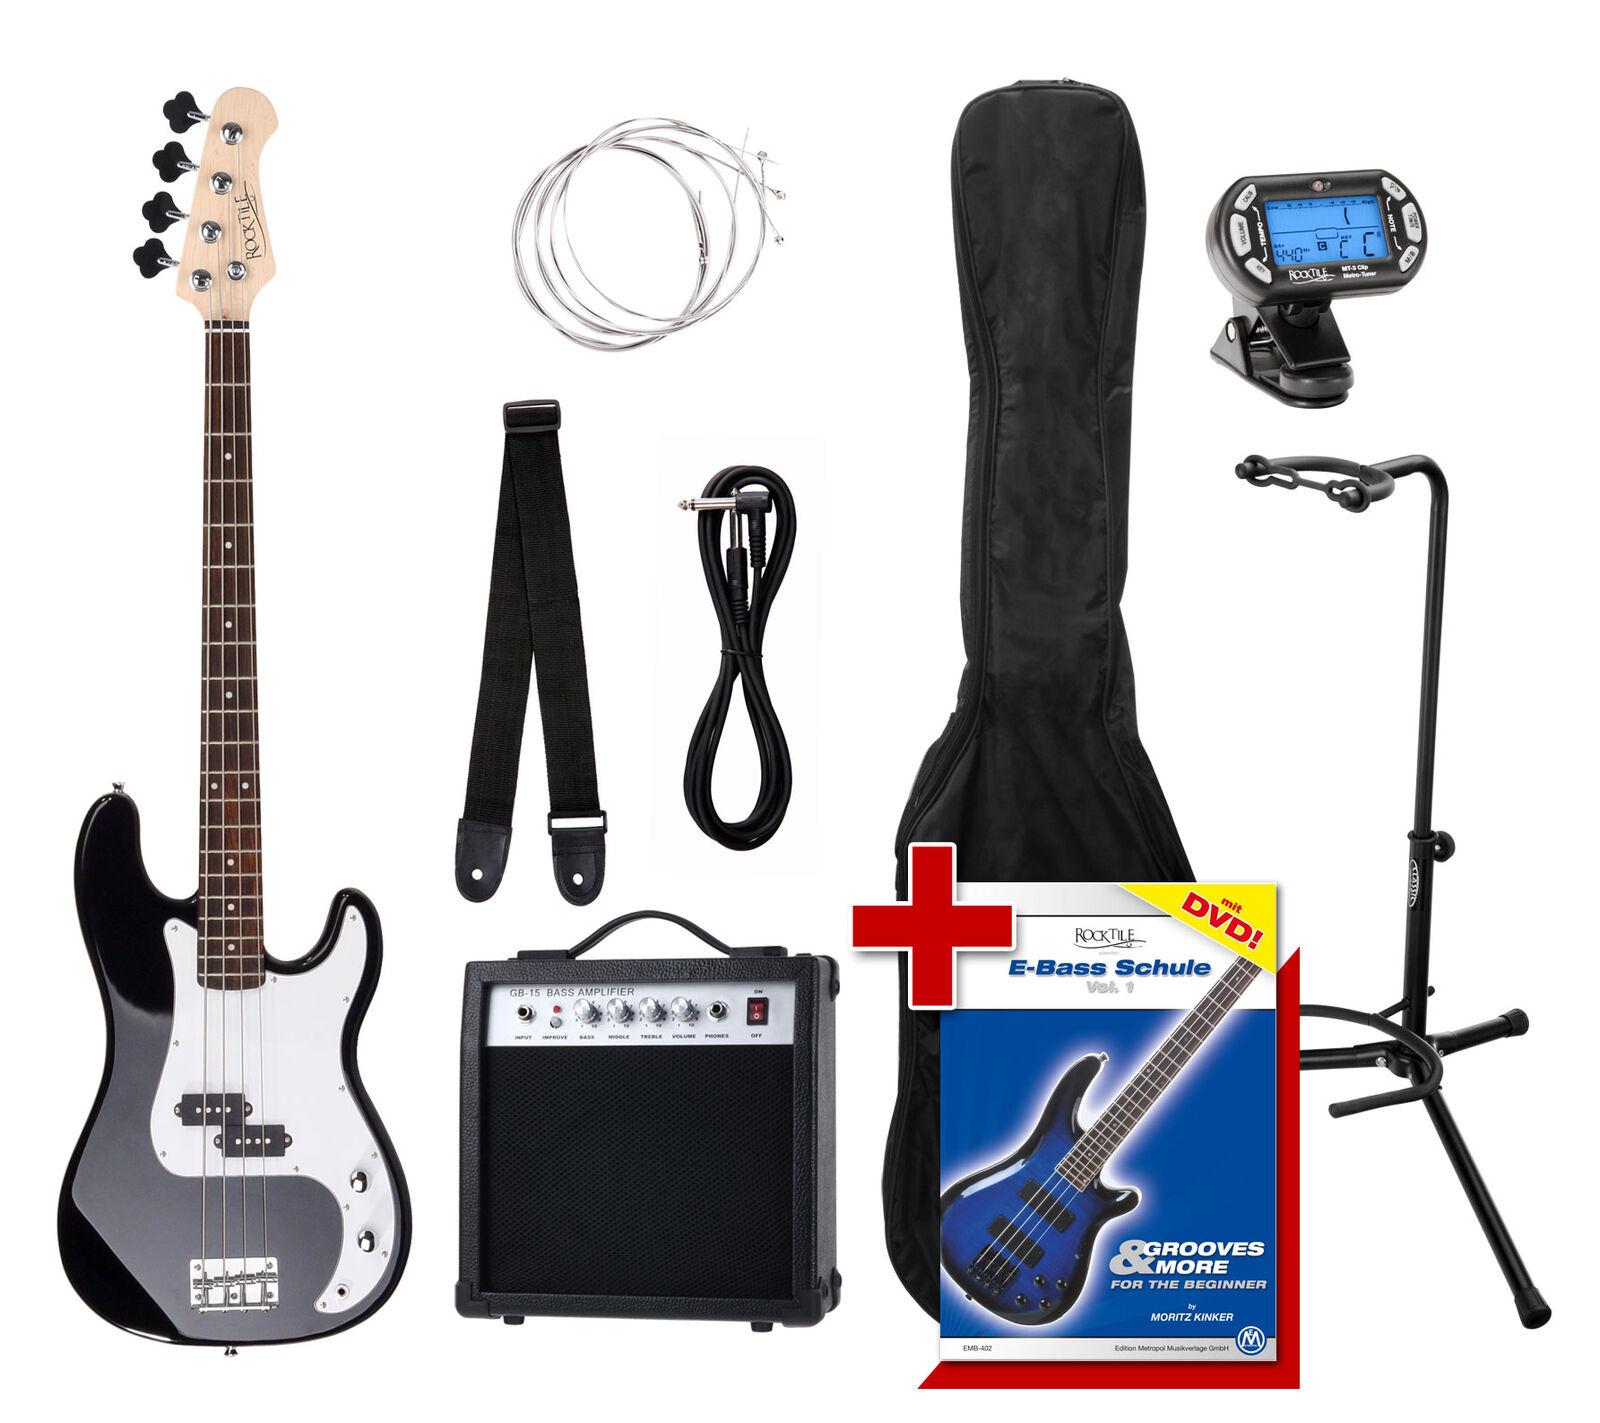 PB e-Bass Set completo amplificatore Clip Cavo Regolatore voce Gigbag scuola STAND